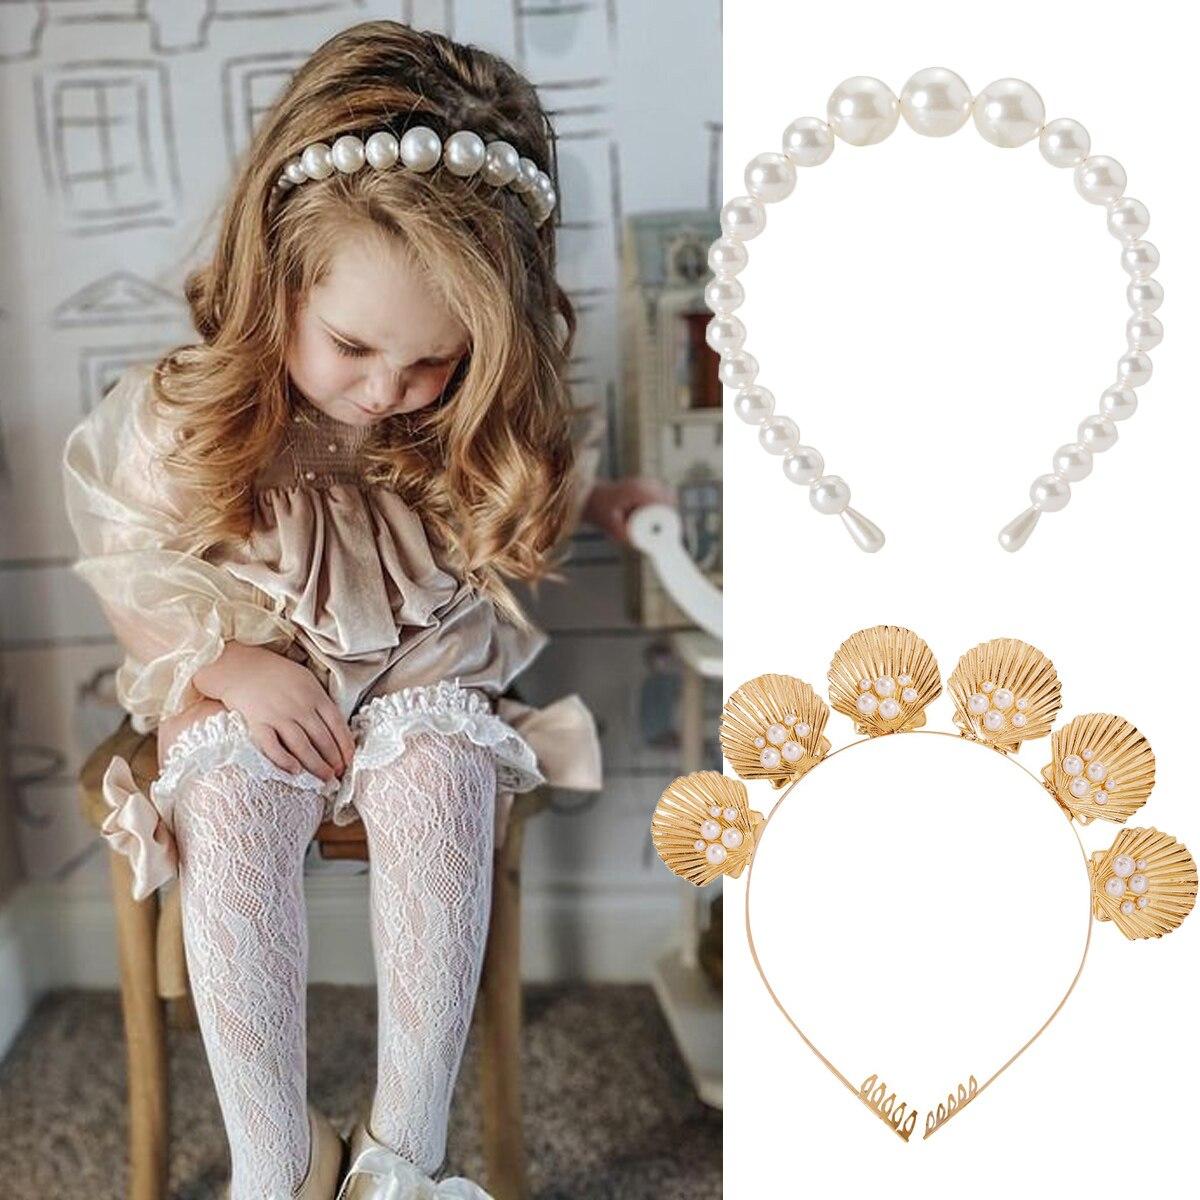 Детское платье принцессы, с обручем для волос, жемчуг, повязка на голову, повязка на голову, белые заколки-бабочки для волос аксессуары для в...